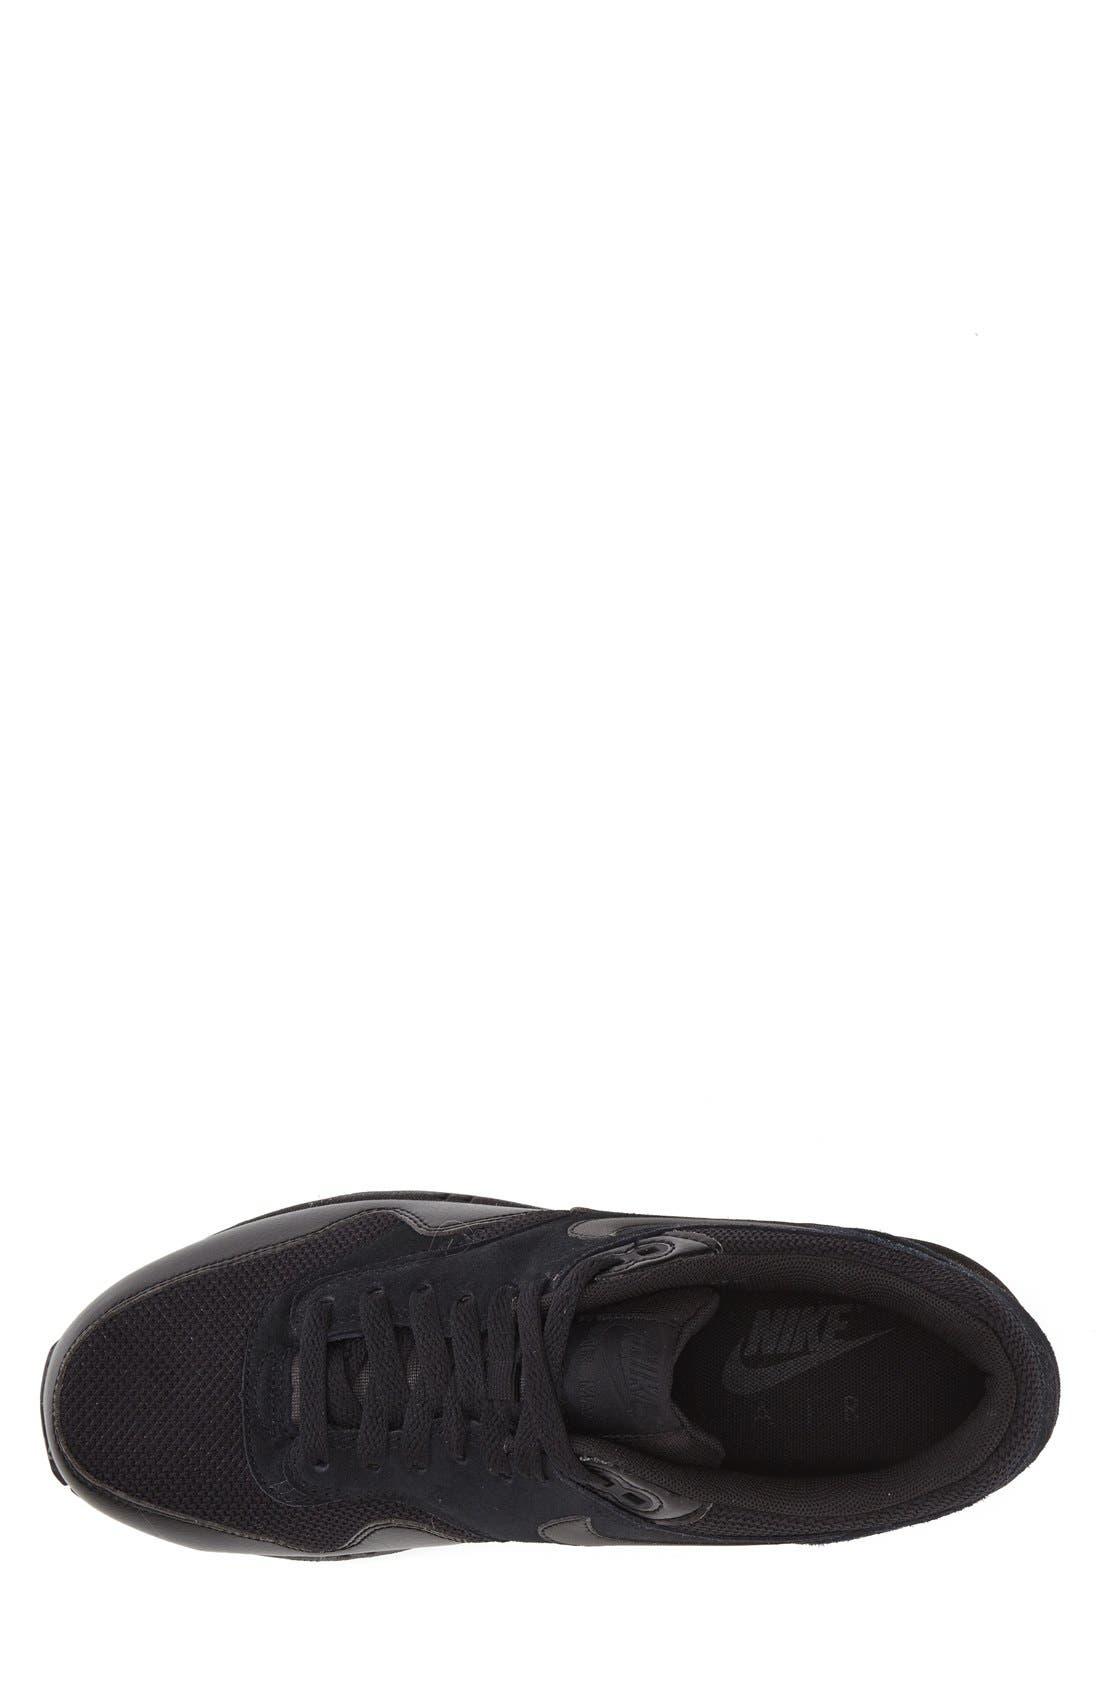 Alternate Image 3  - Nike 'Air Max 1 Essential' Sneaker (Men)